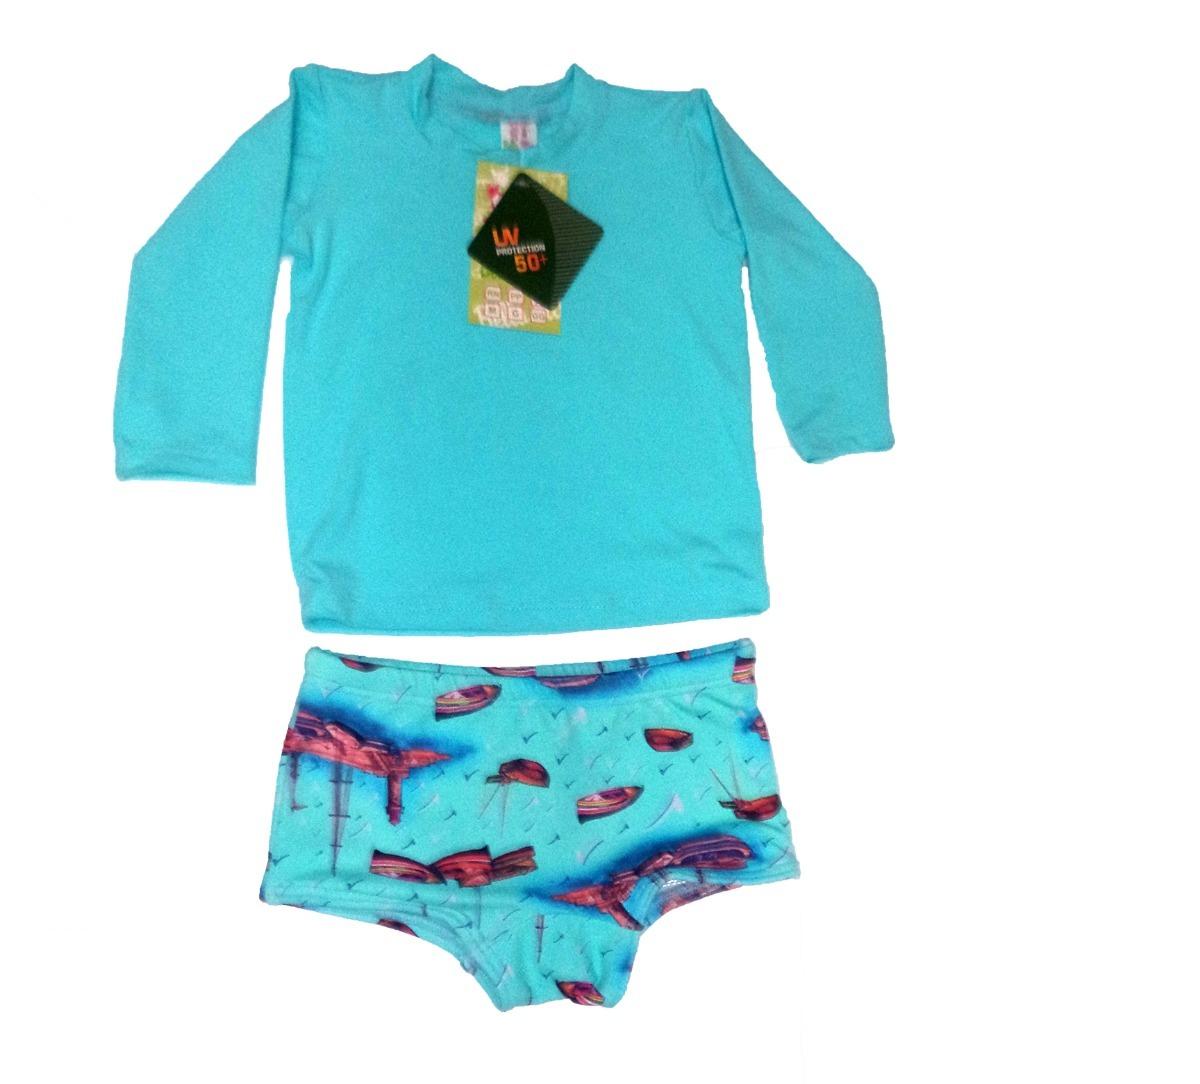 kit bebé 4 camisas e 2 sungas proteção uv solar upf 50+. Carregando zoom. 2e48eba9070